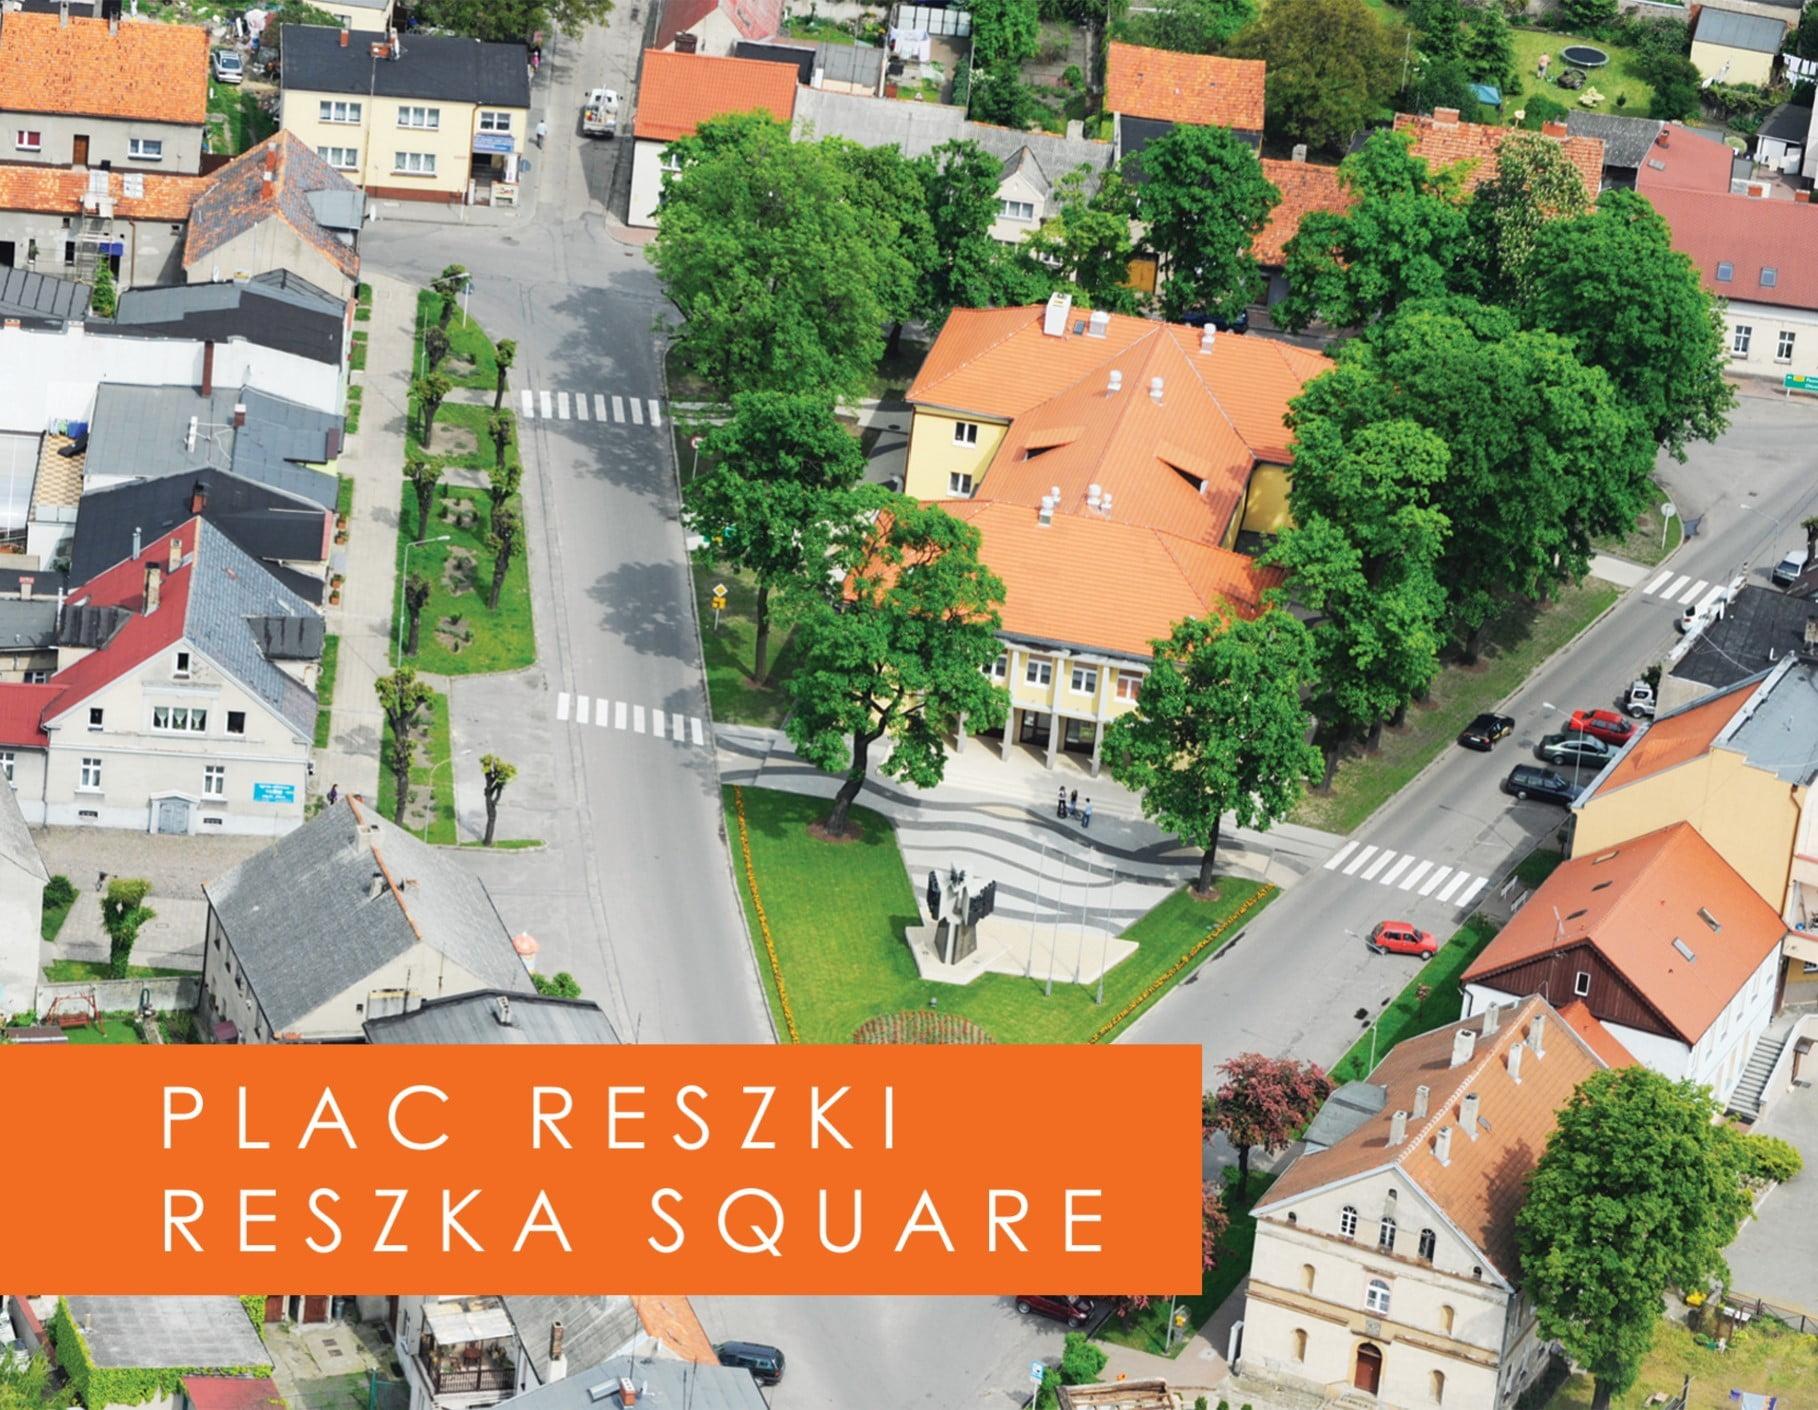 Plac Stanisława Reszki